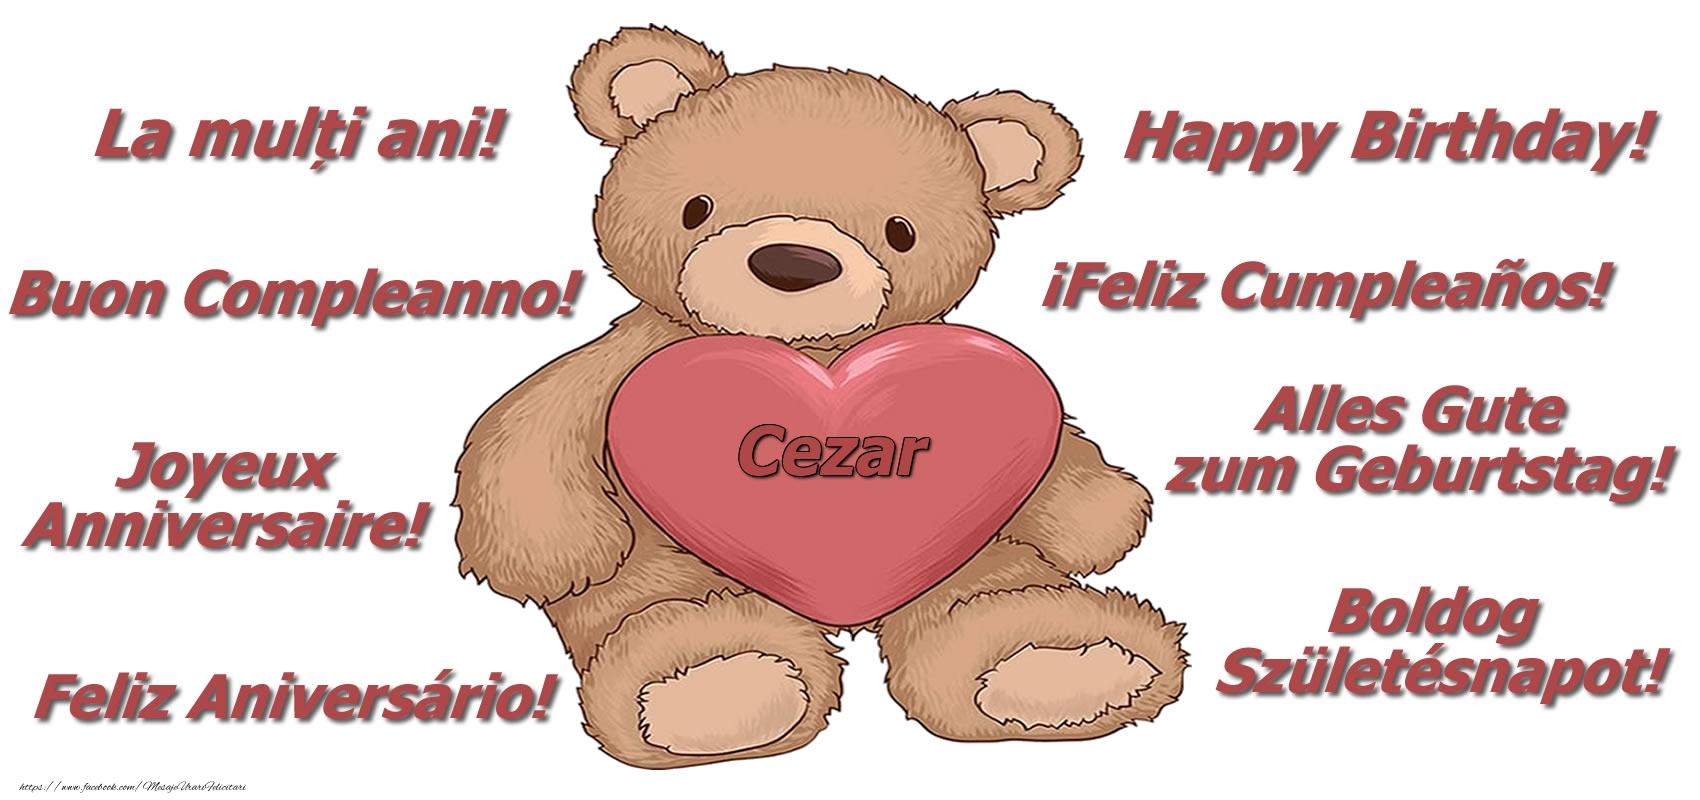 Felicitari de zi de nastere - La multi ani Cezar! - Ursulet